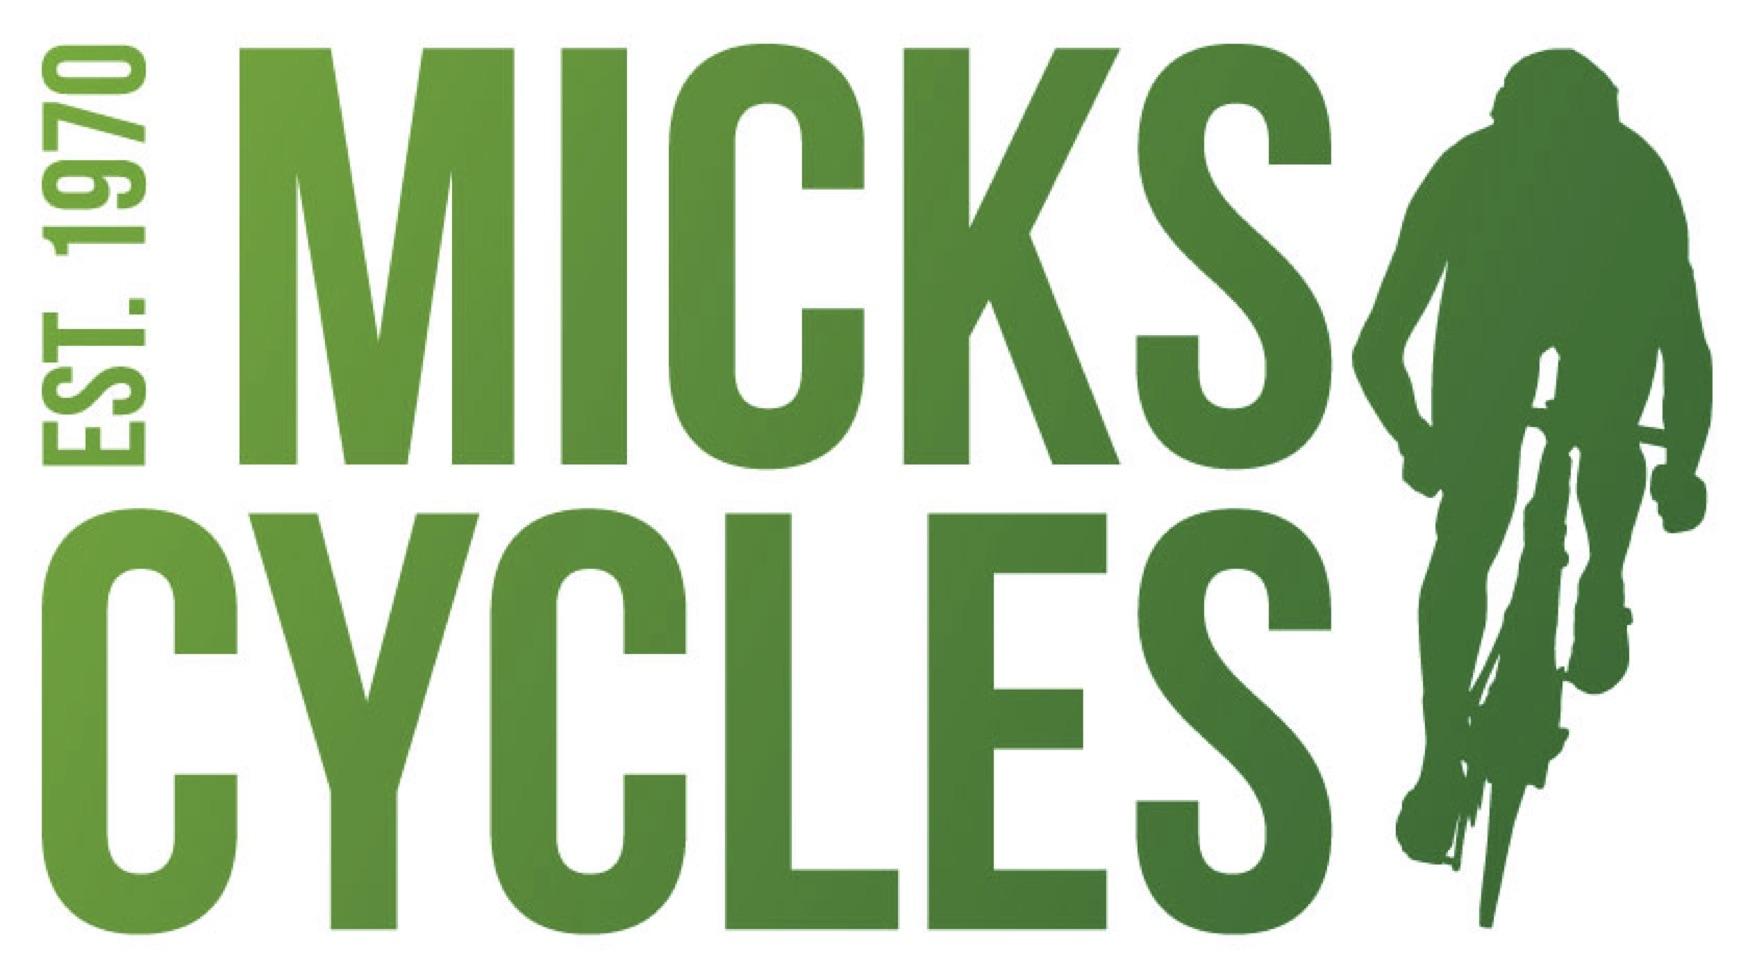 MICKS CYCLES